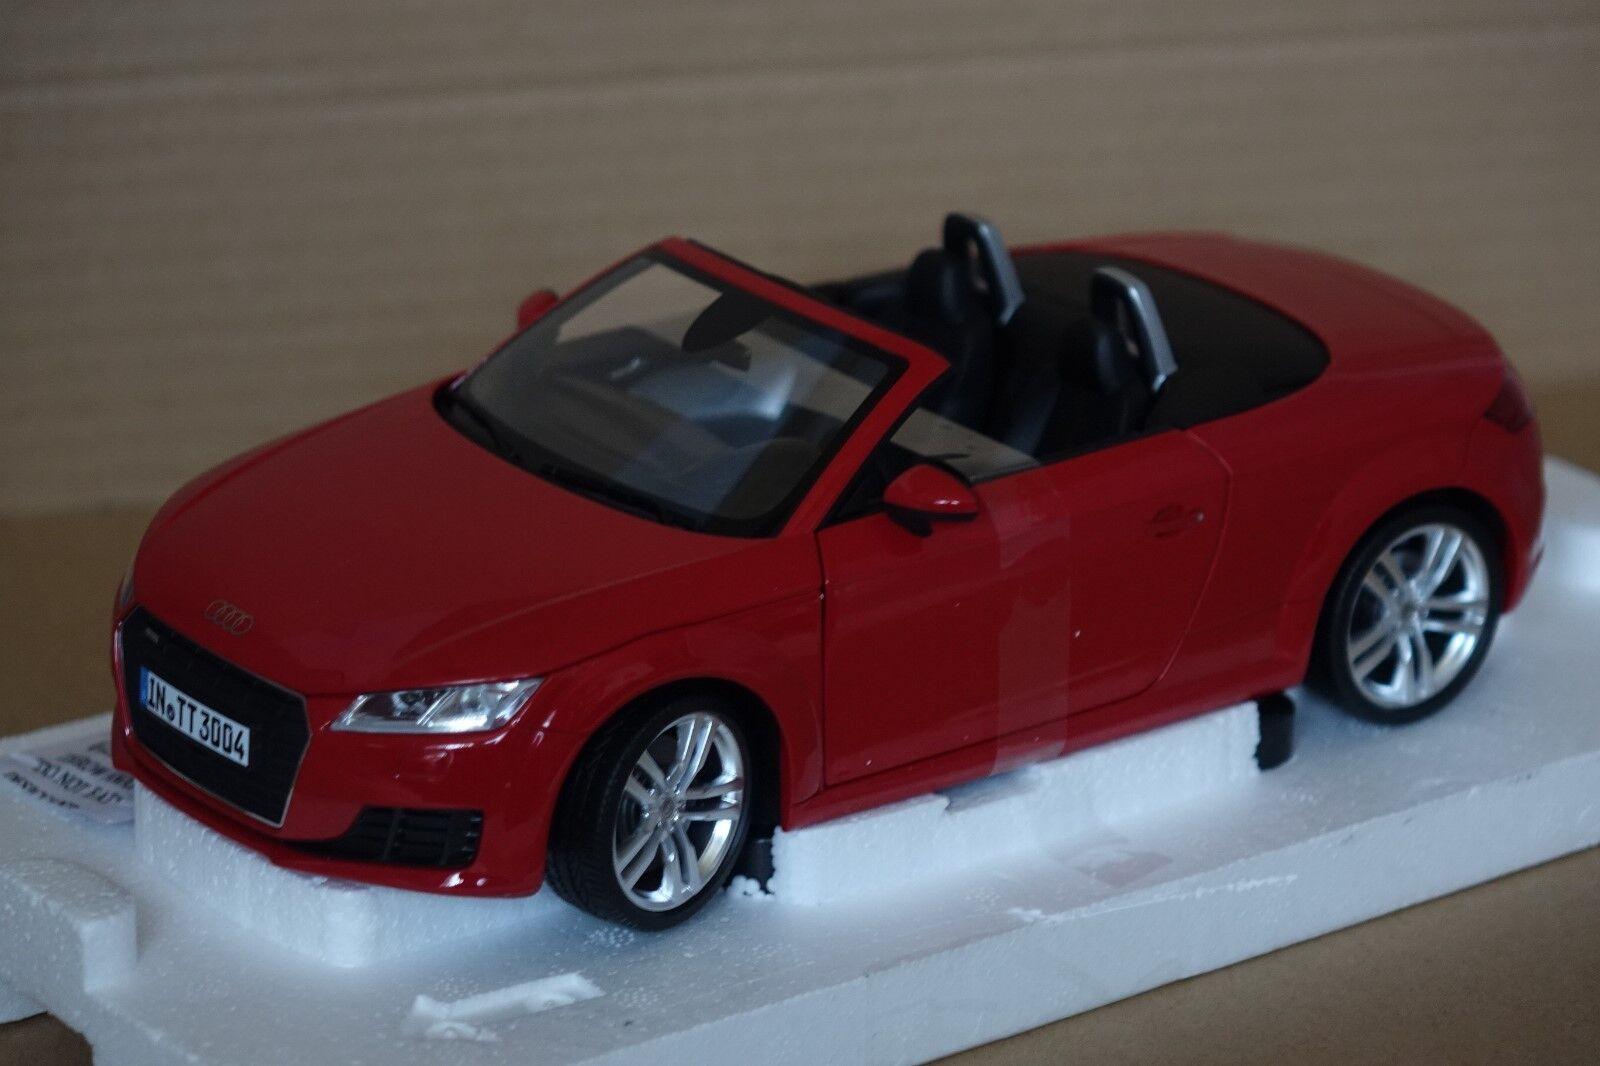 productos creativos Audi TT Roadster Roadster Roadster 2015 rojo 1 18 Audi Minichamps nuevo & OVP 5011400525  orden ahora disfrutar de gran descuento